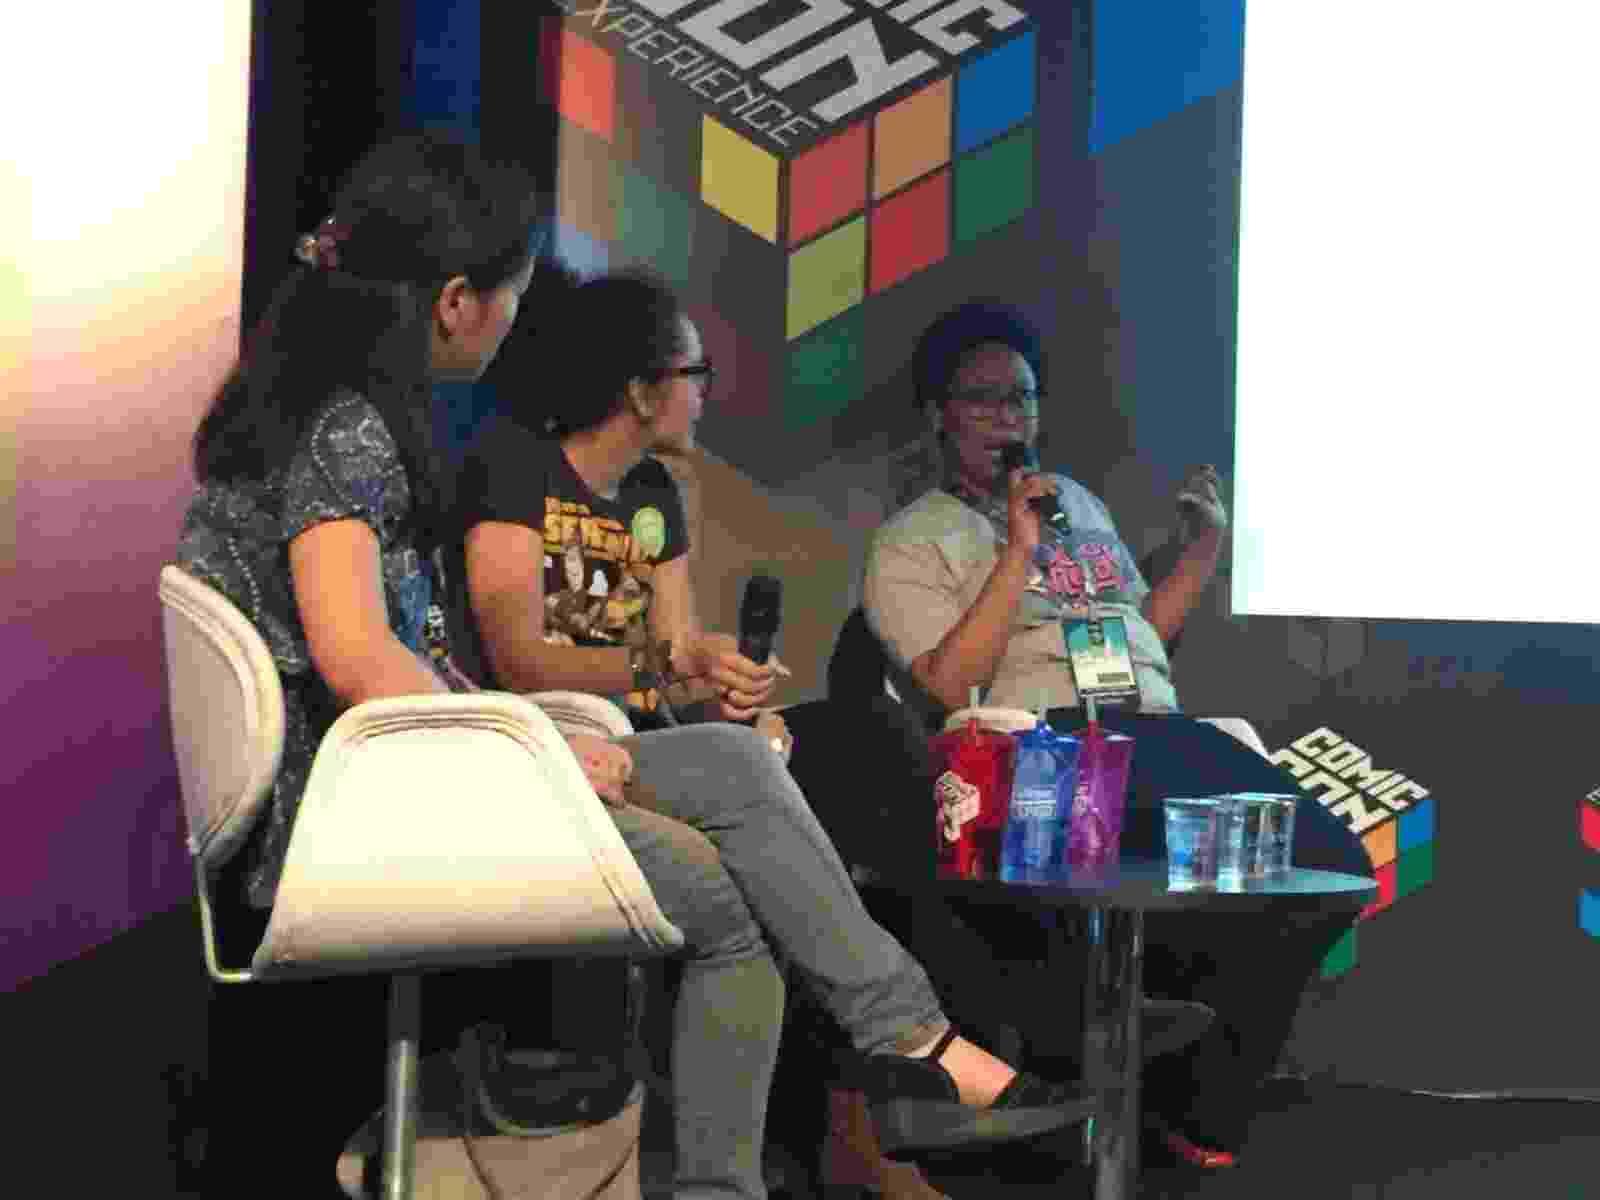 4.dez.2015 - Painel de representação Étnica na Cultura Pop na Comic Con Experience discutiu a participação de negros e orientais nas principais produções culturais da atualidade. O evento acontece no Centro de Exposições São Paulo Expo - Felipe Branco Cruz/UOL